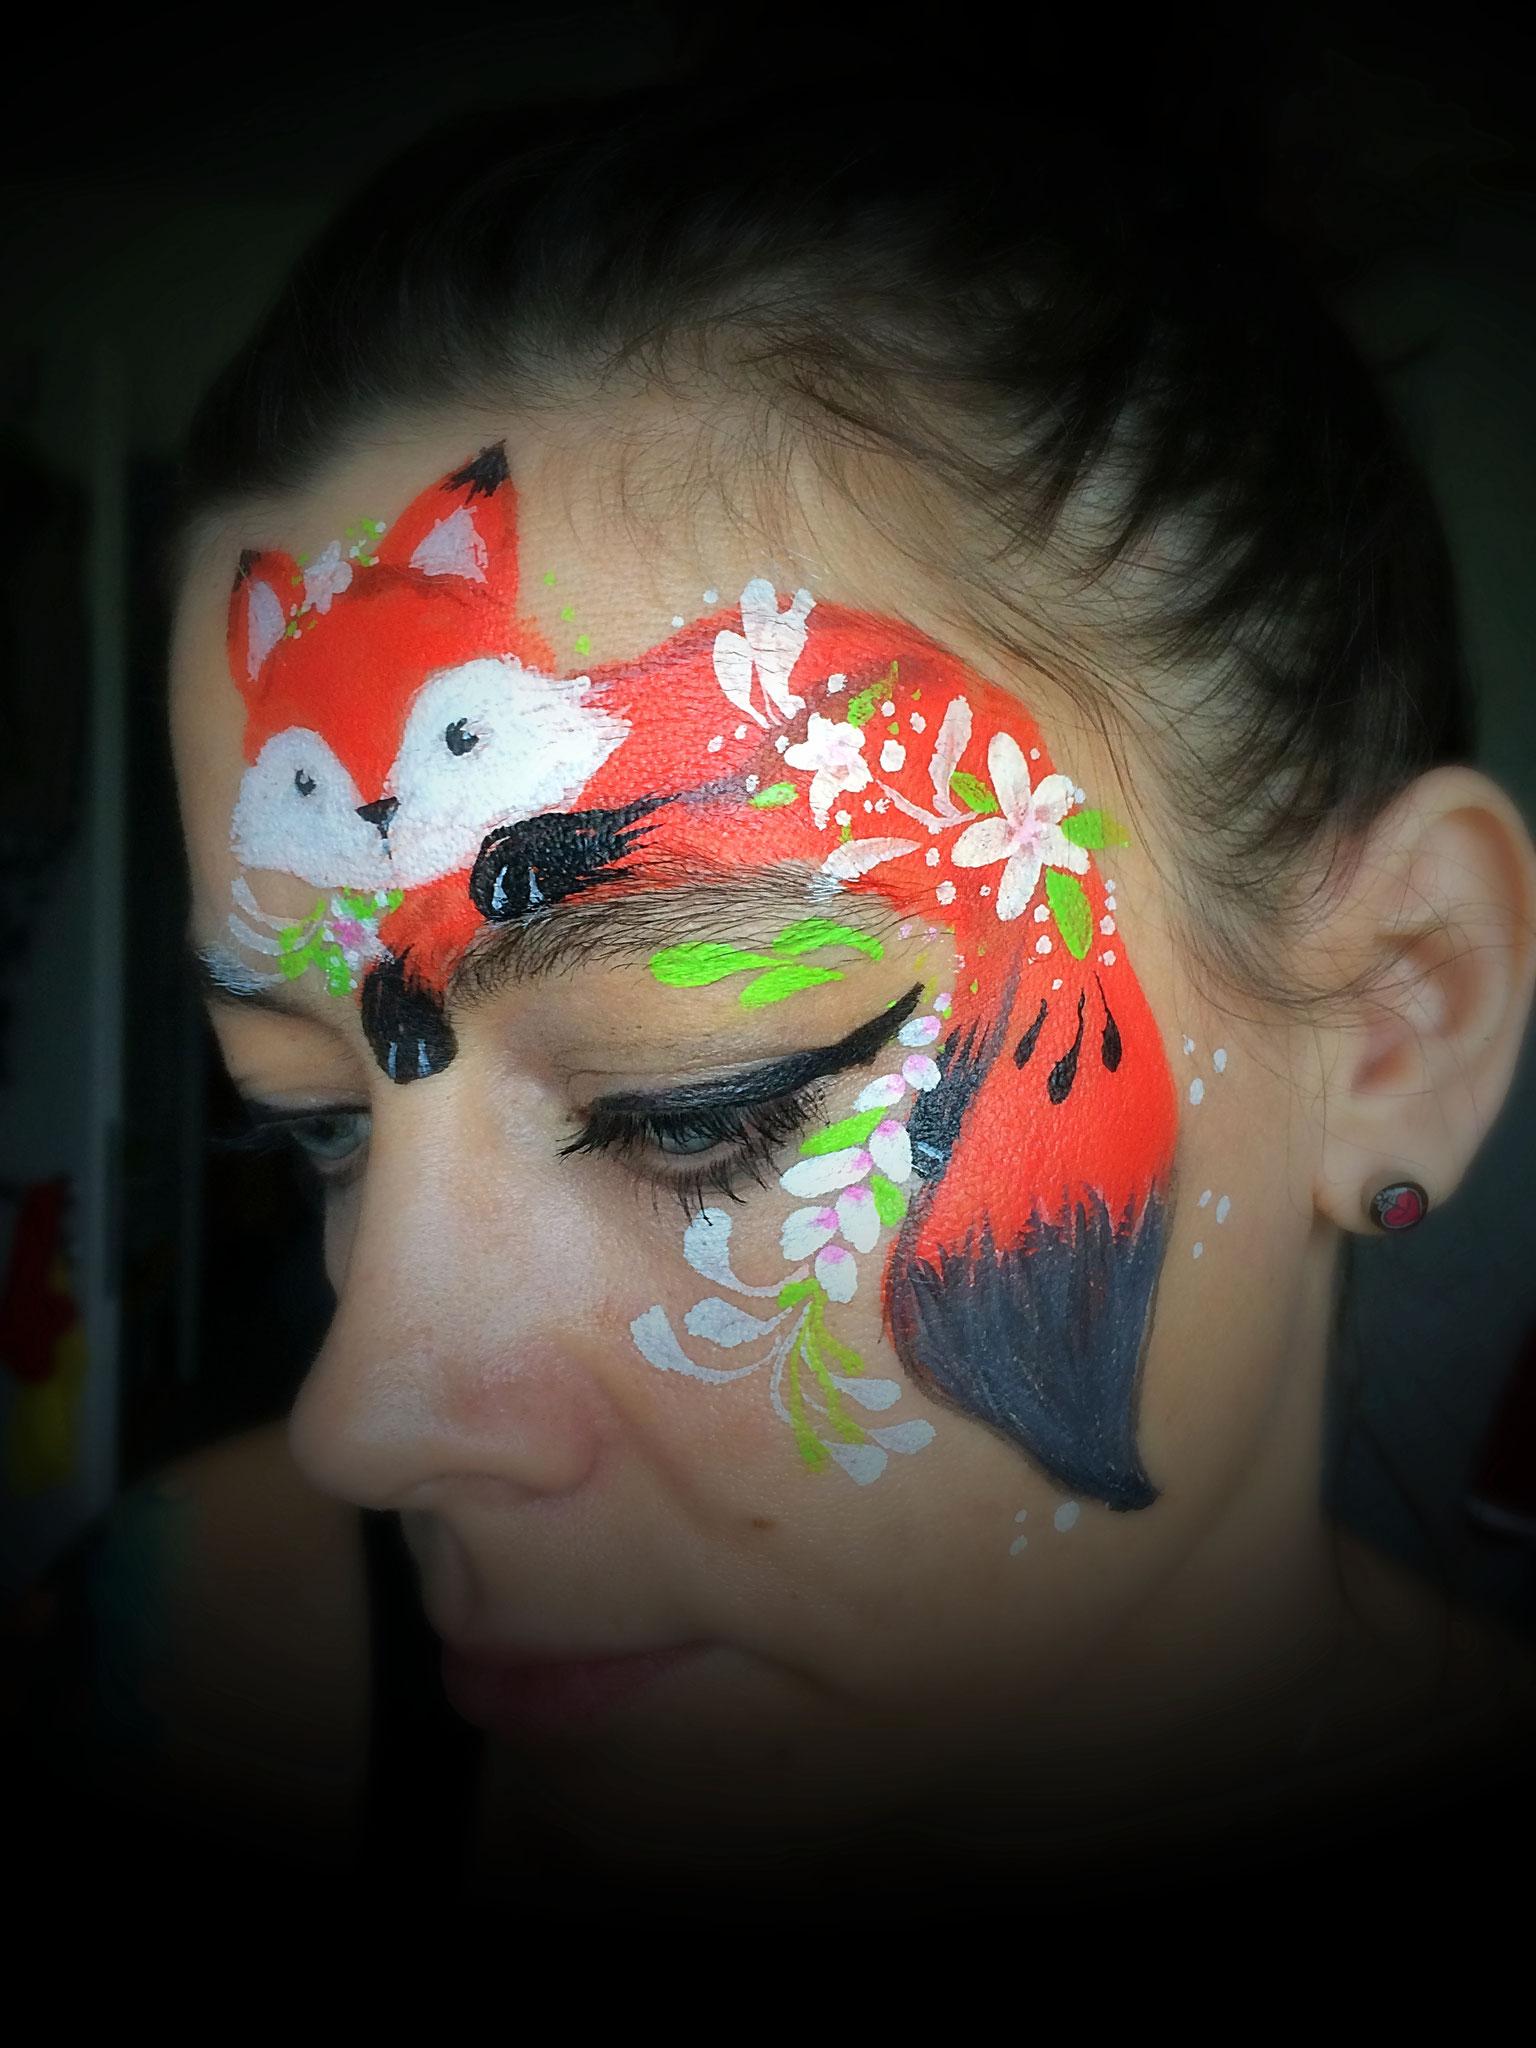 Ein Fuchs mit DFX-Kinderschminkfarben gemalt